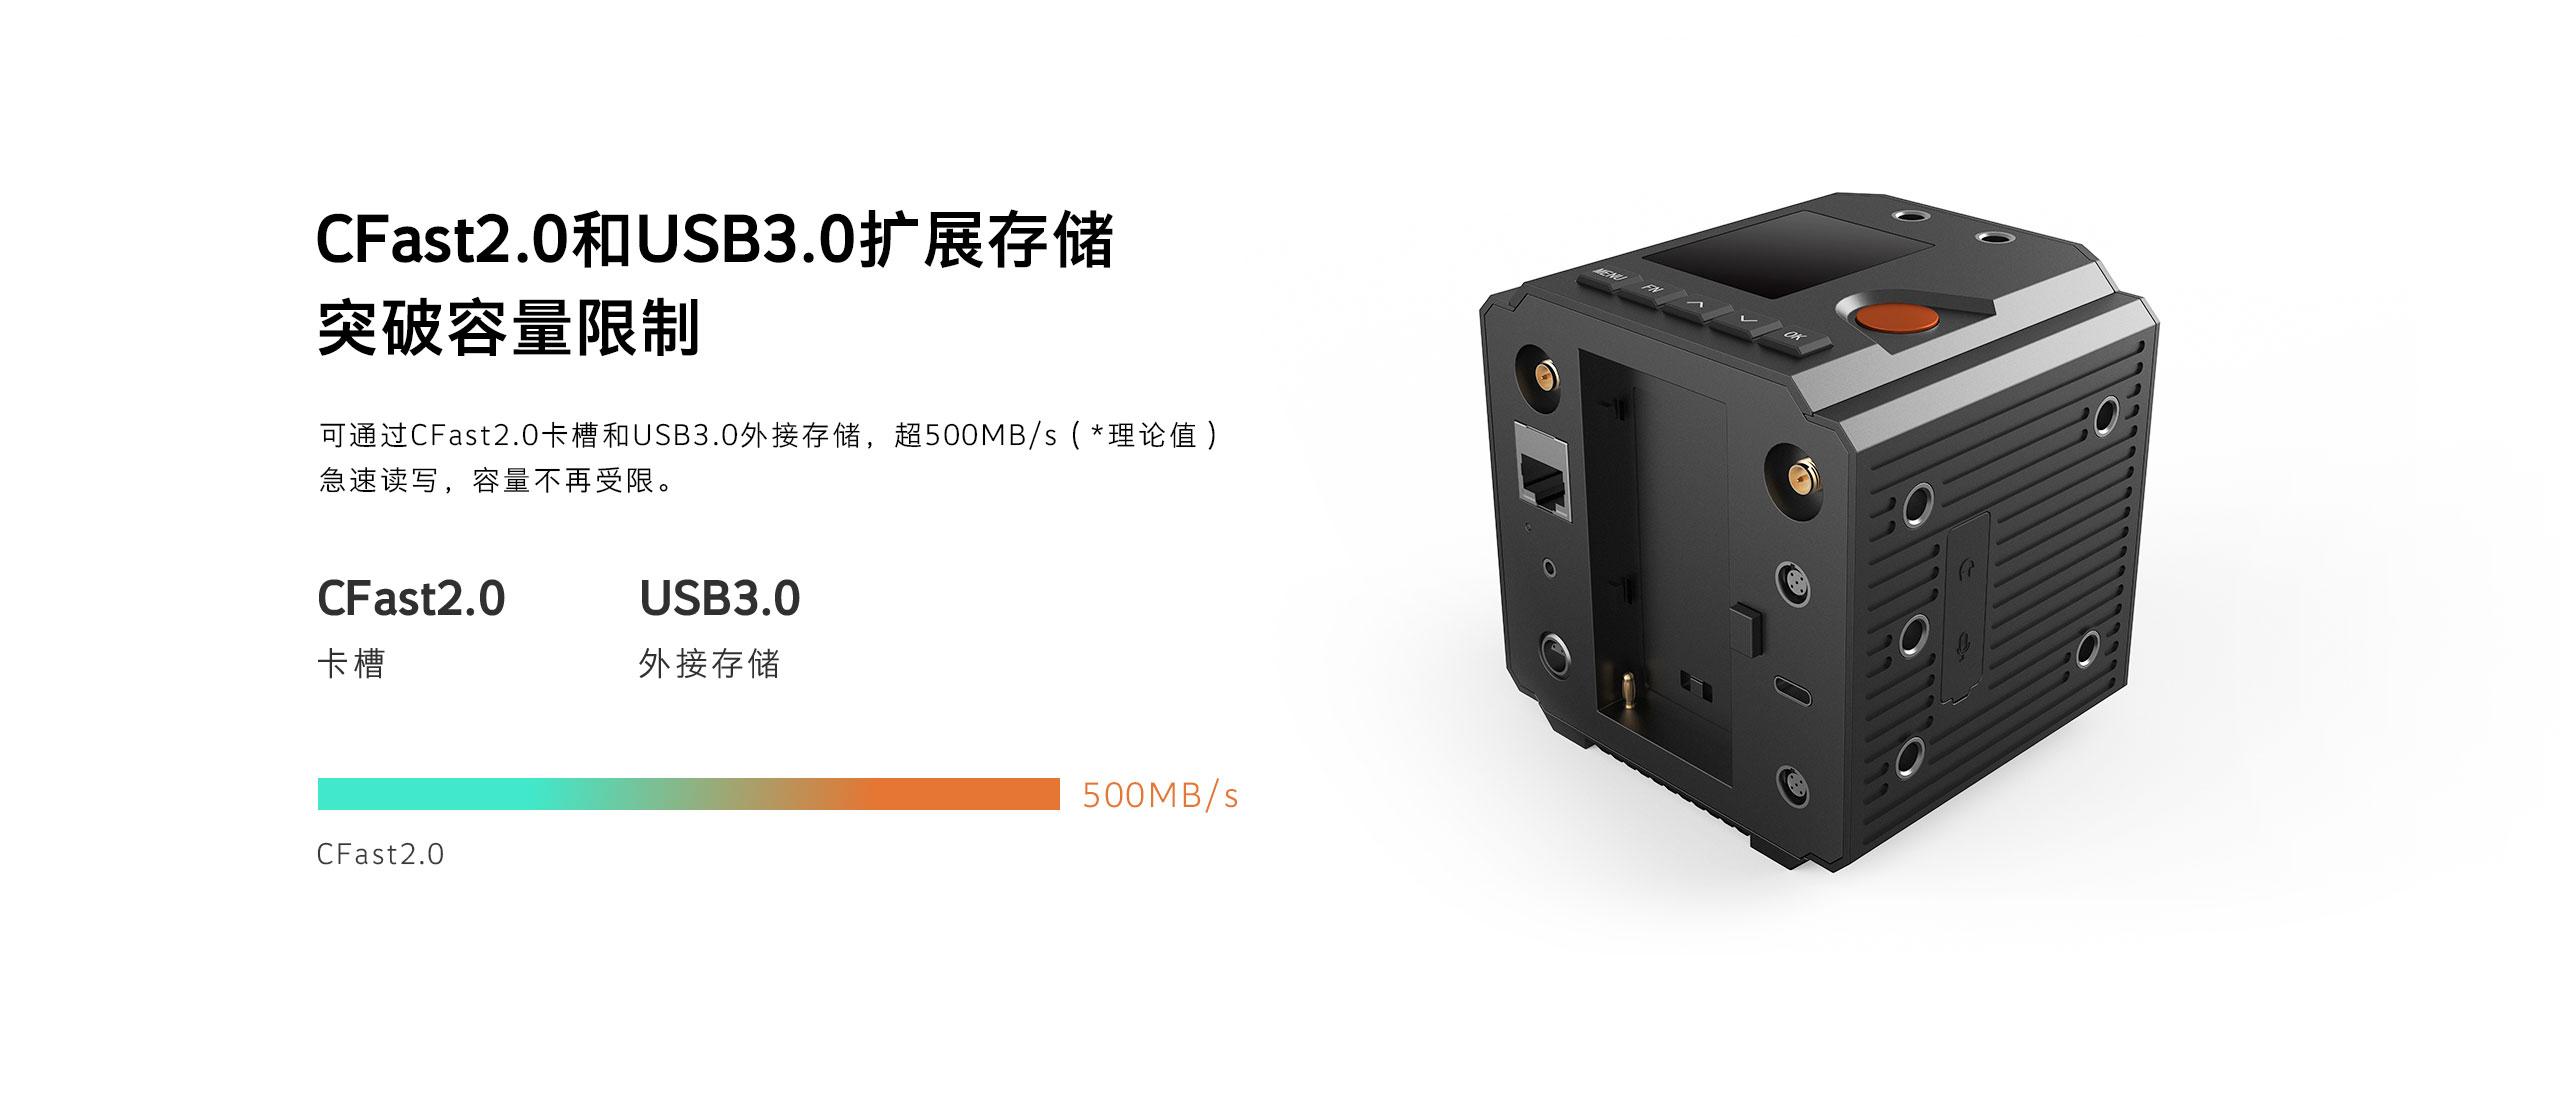 CFast2.0和USB3.0扩展存储